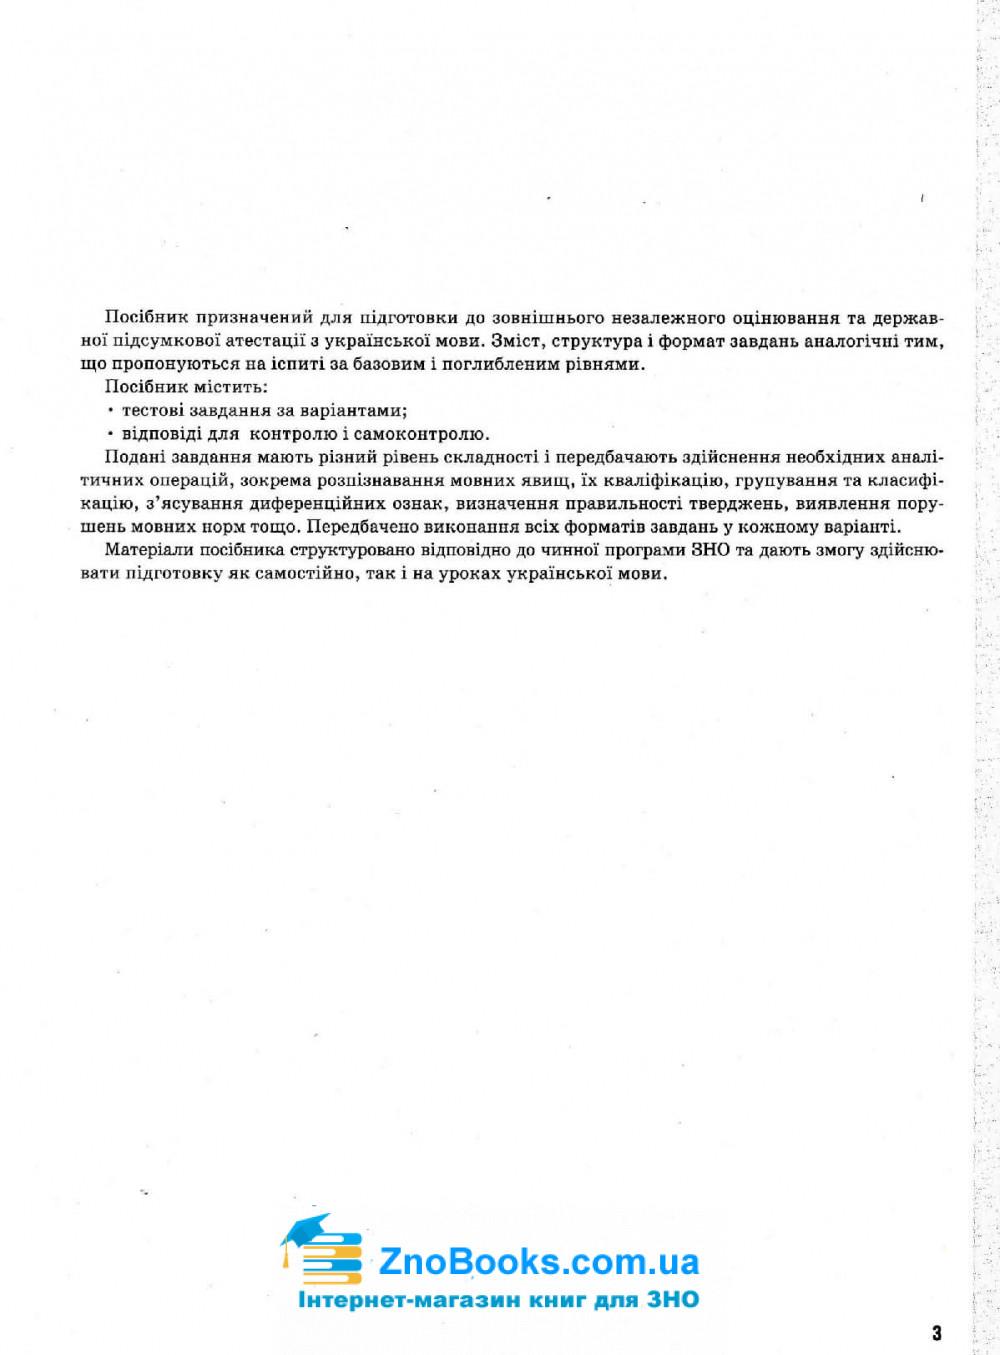 Українська мова (Глазова). Тести до ЗНО 2020 Освіта. купити 3